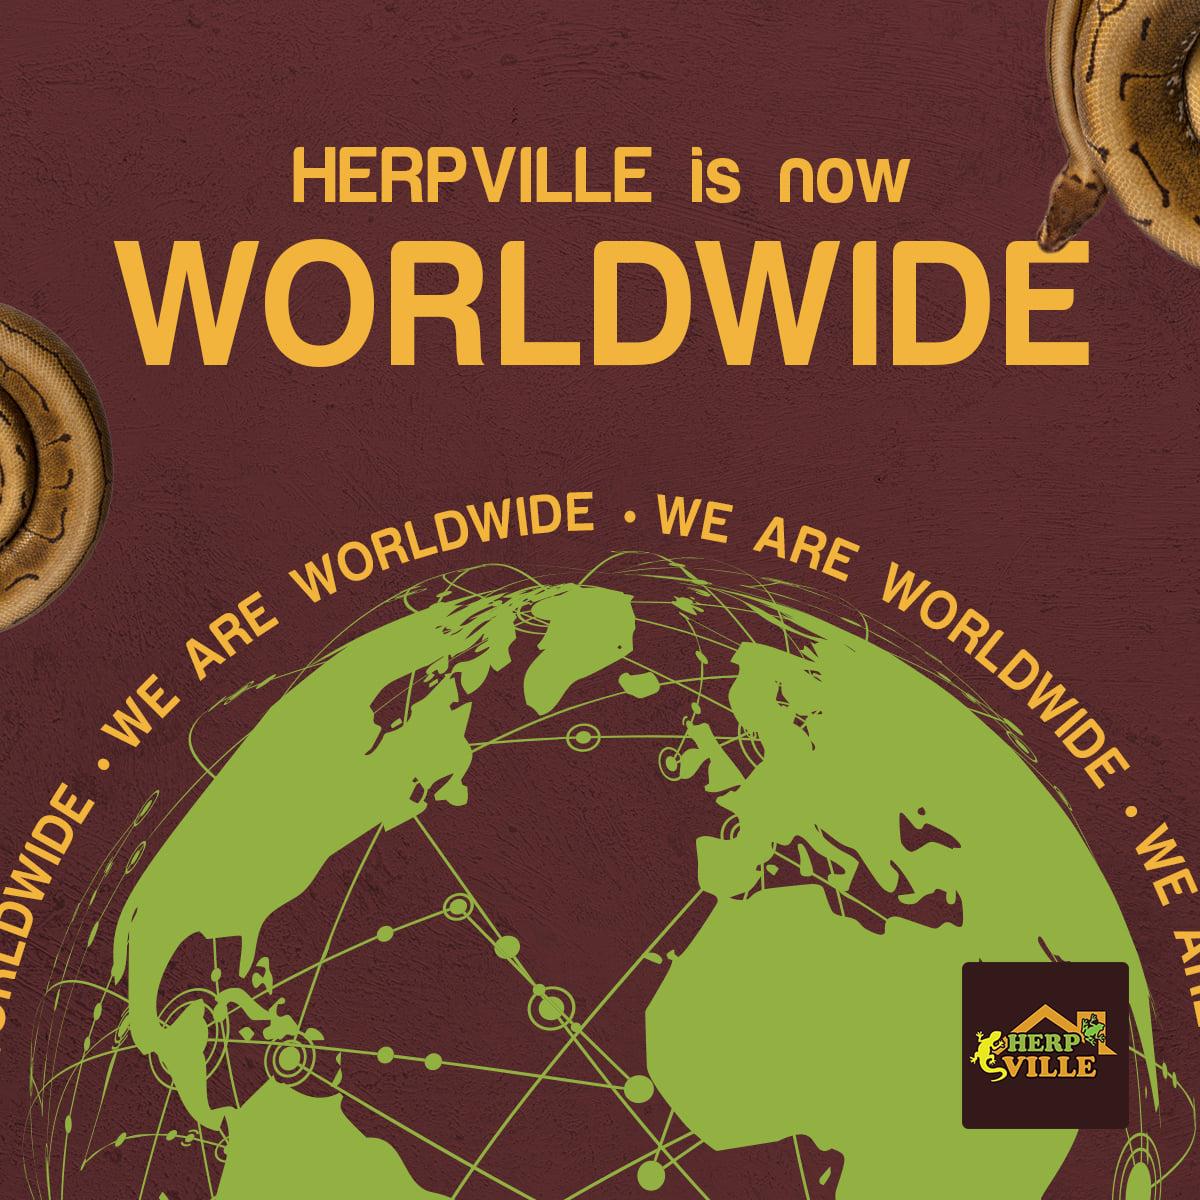 Herpville is now Worldwide